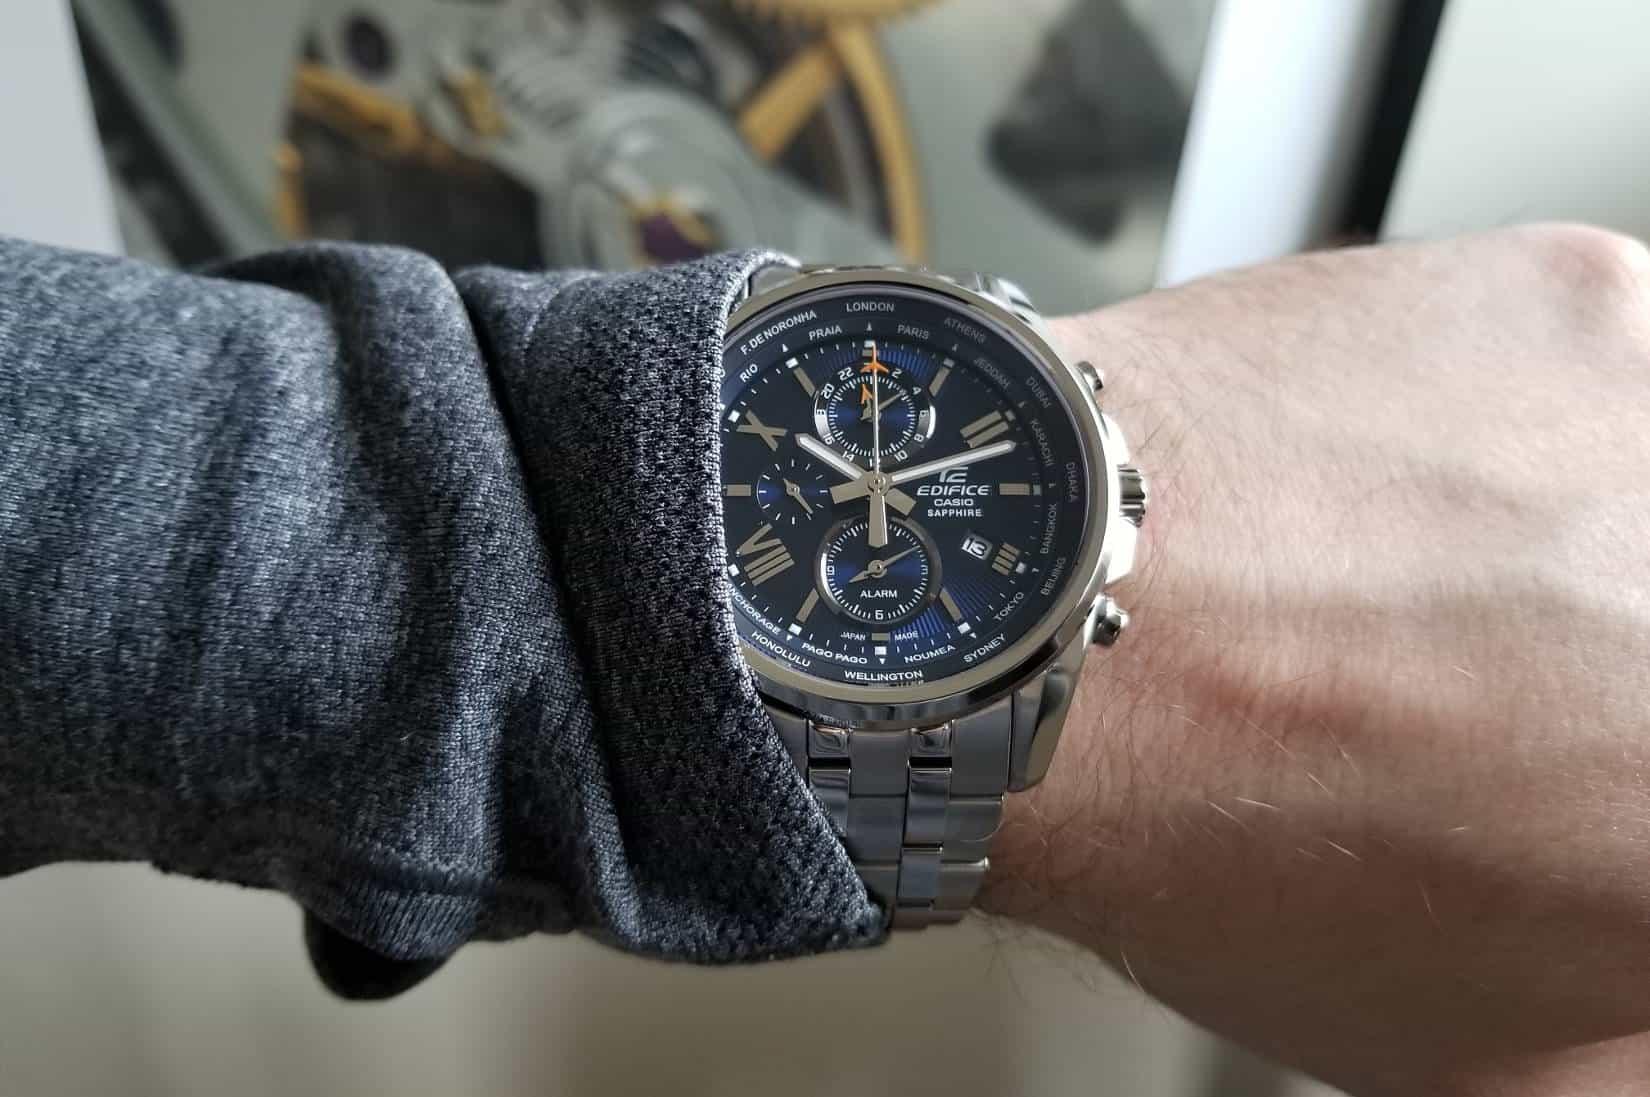 Casio Edifice World Time Wrist Shot 87e4a63cd